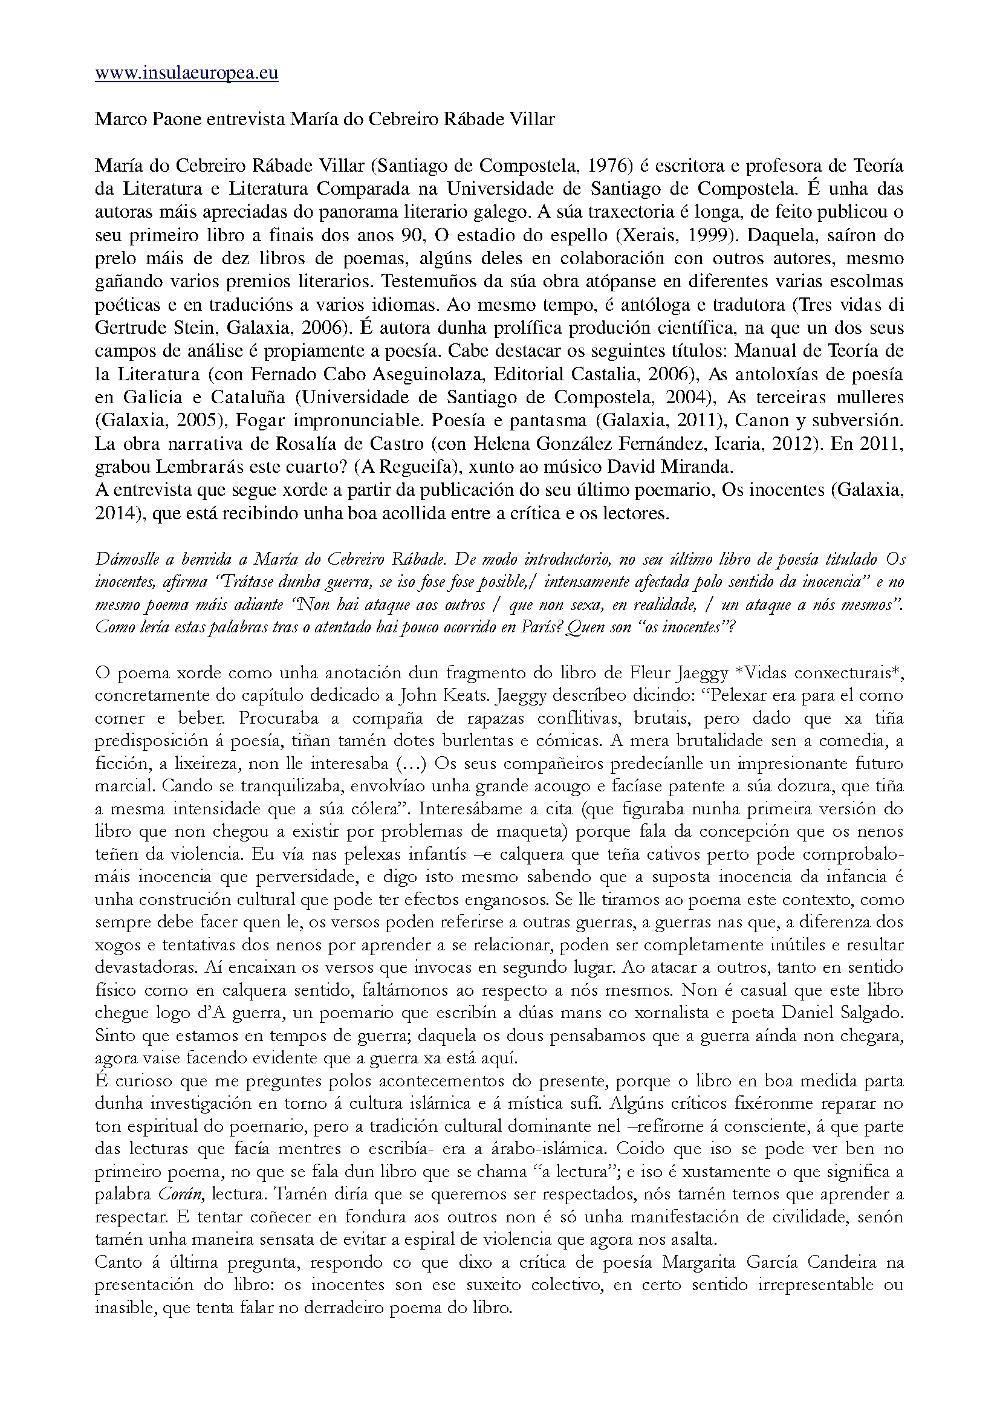 Entrevista a María do Cebreiro 1